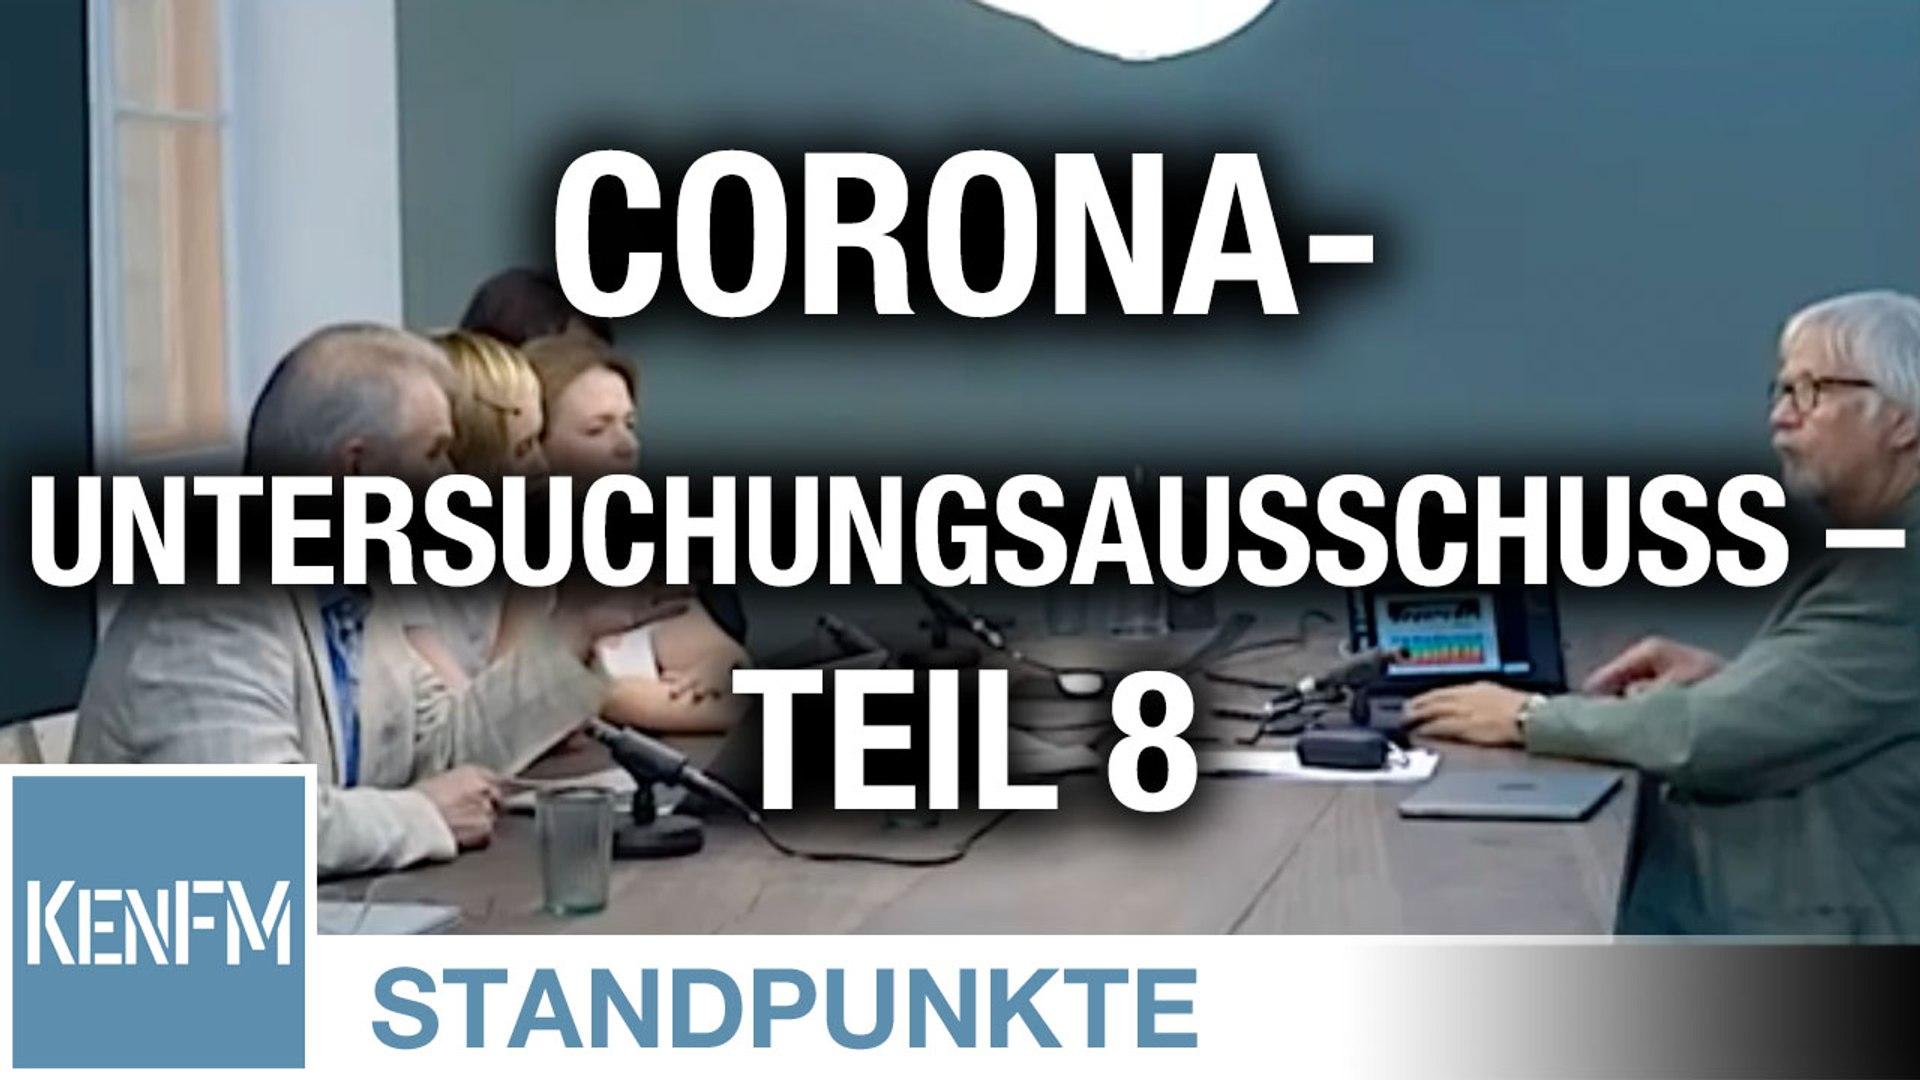 Corona-Untersuchungsausschuss – Teil 8 | Von Jochen Mitschka